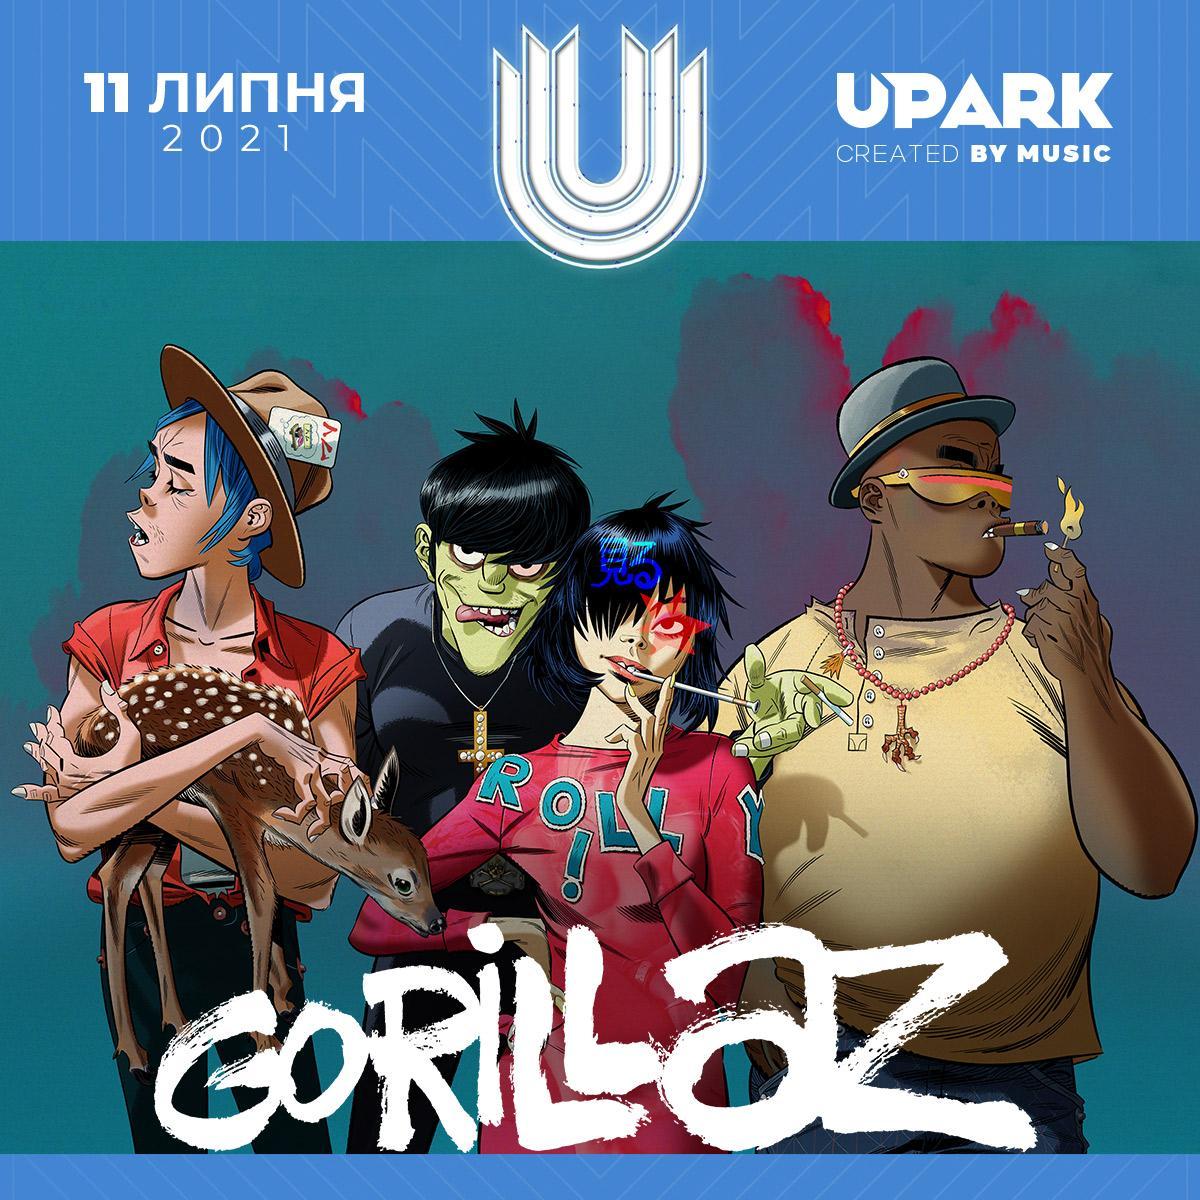 Группа выступит в Киеве / facebook.com/uparkfestival/